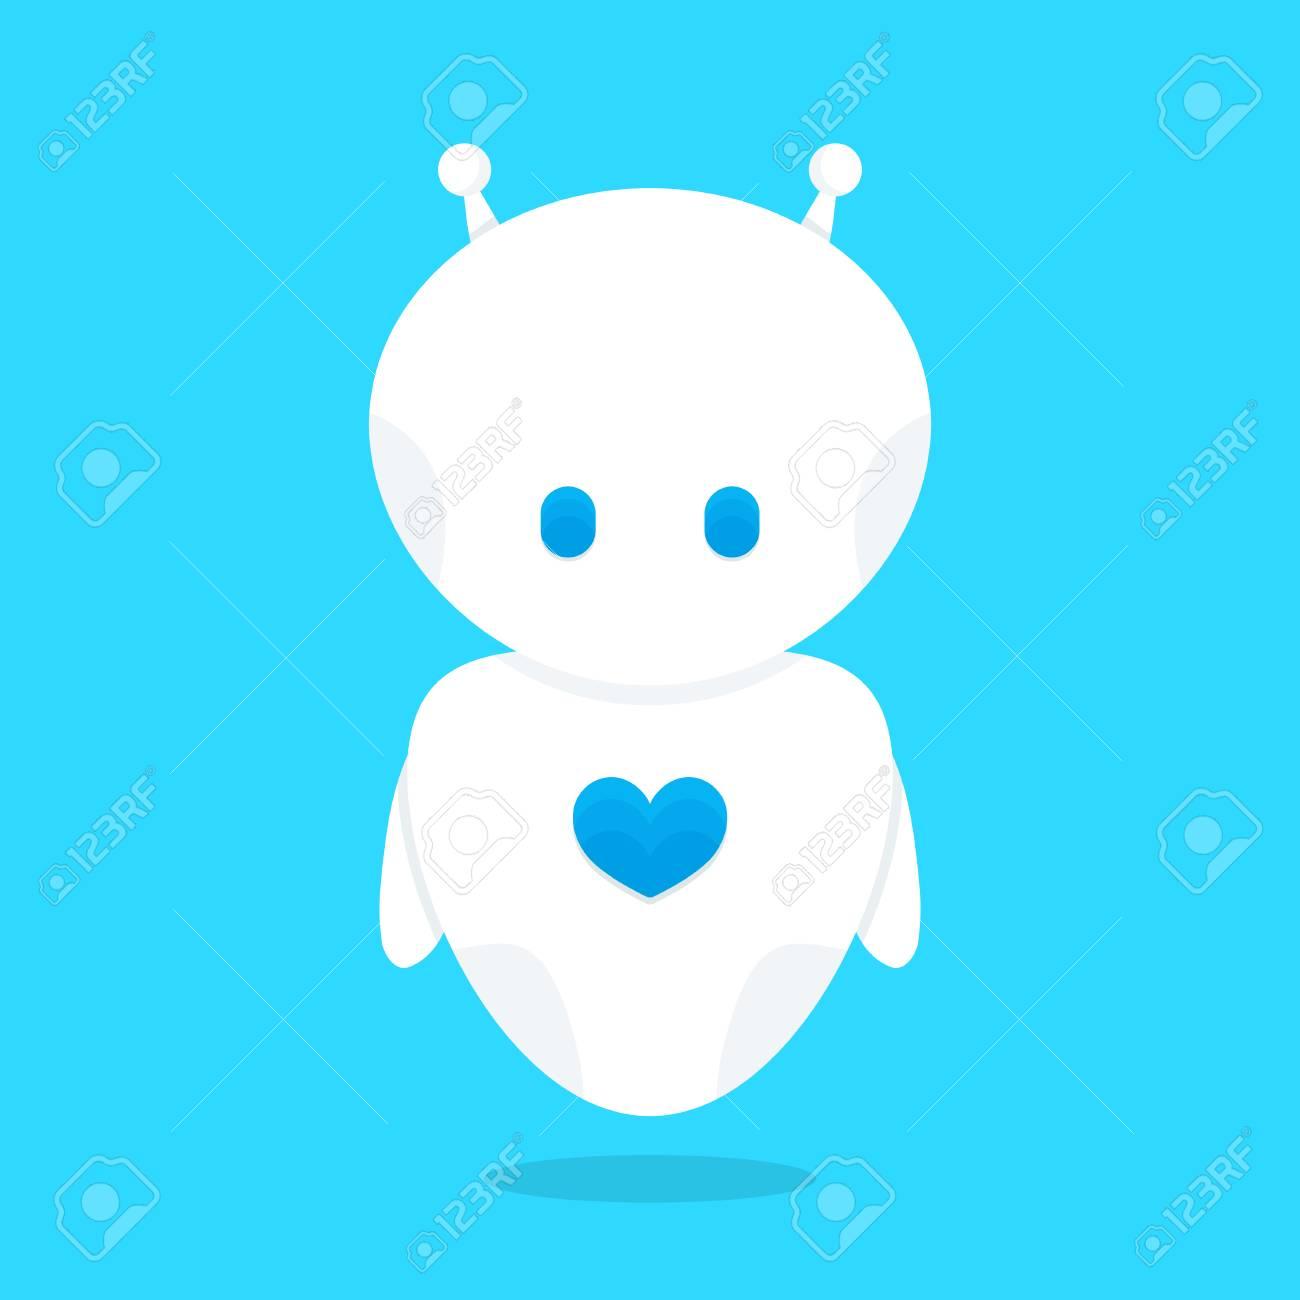 青いハート文字とかわいい面白い白いロボット ボットベクトル フラット